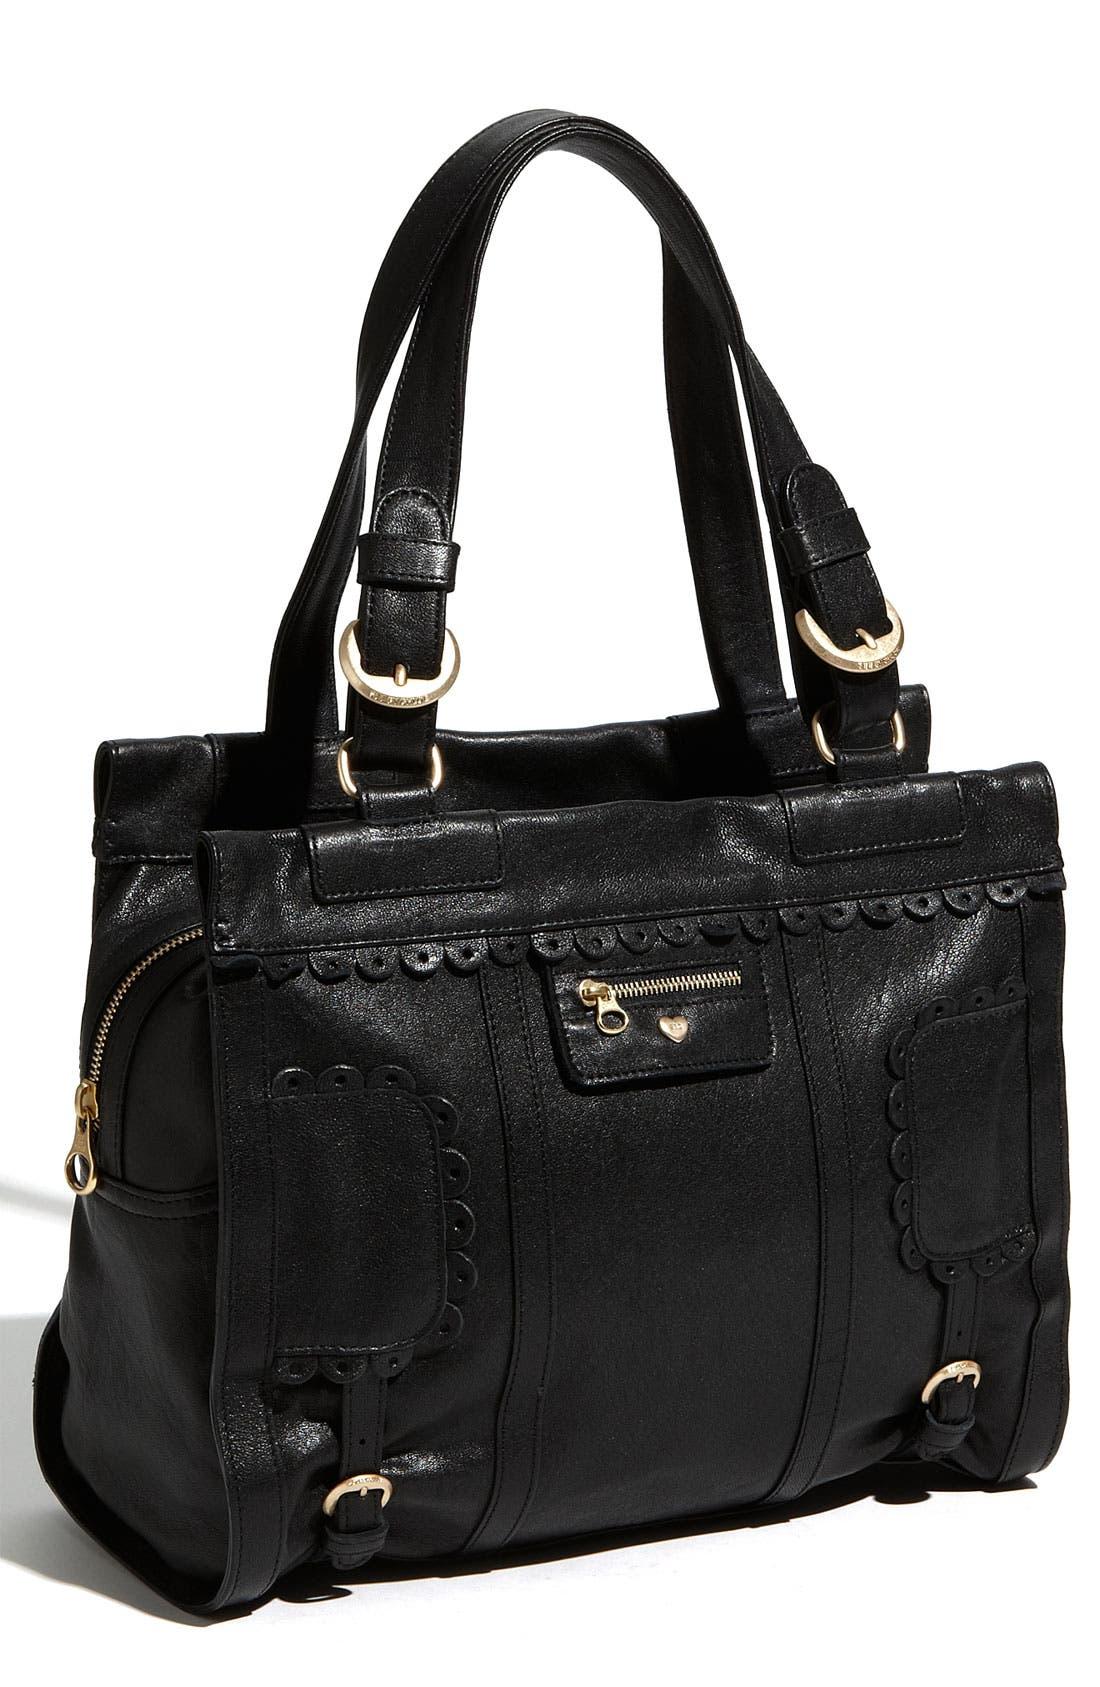 Alternate Image 1 Selected - See By Chloé 'Poya Vintage - Medium' Leather Shoulder Bag